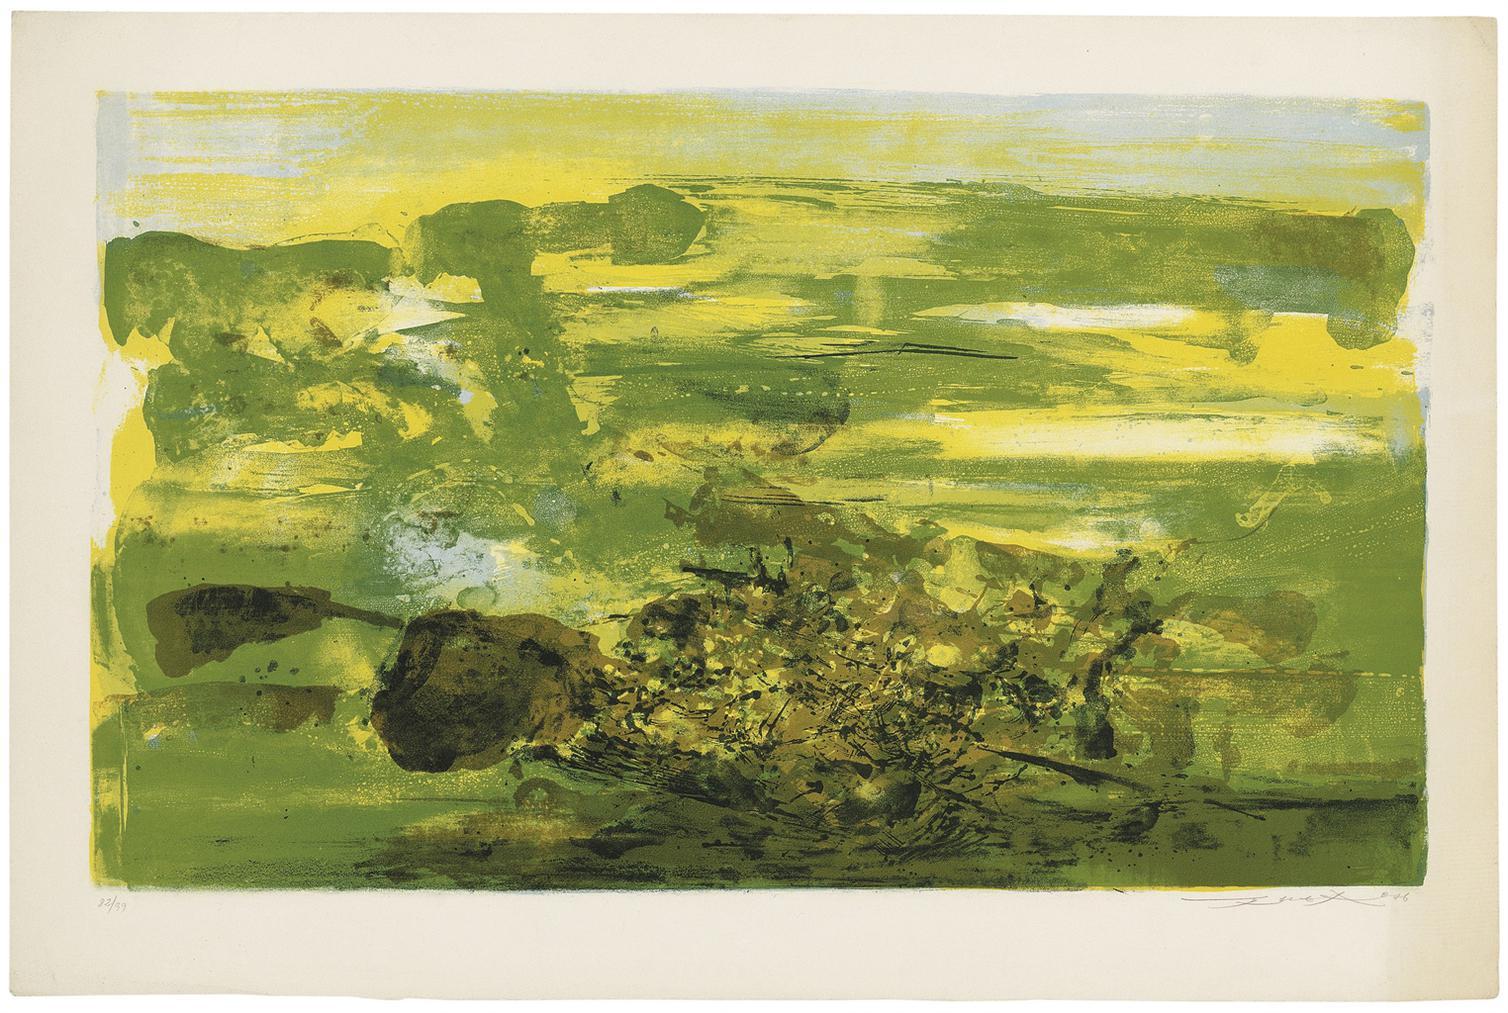 Zao Wou-Ki-Two Plates From: A La Gloire De Limage Et Art Poetique-1976